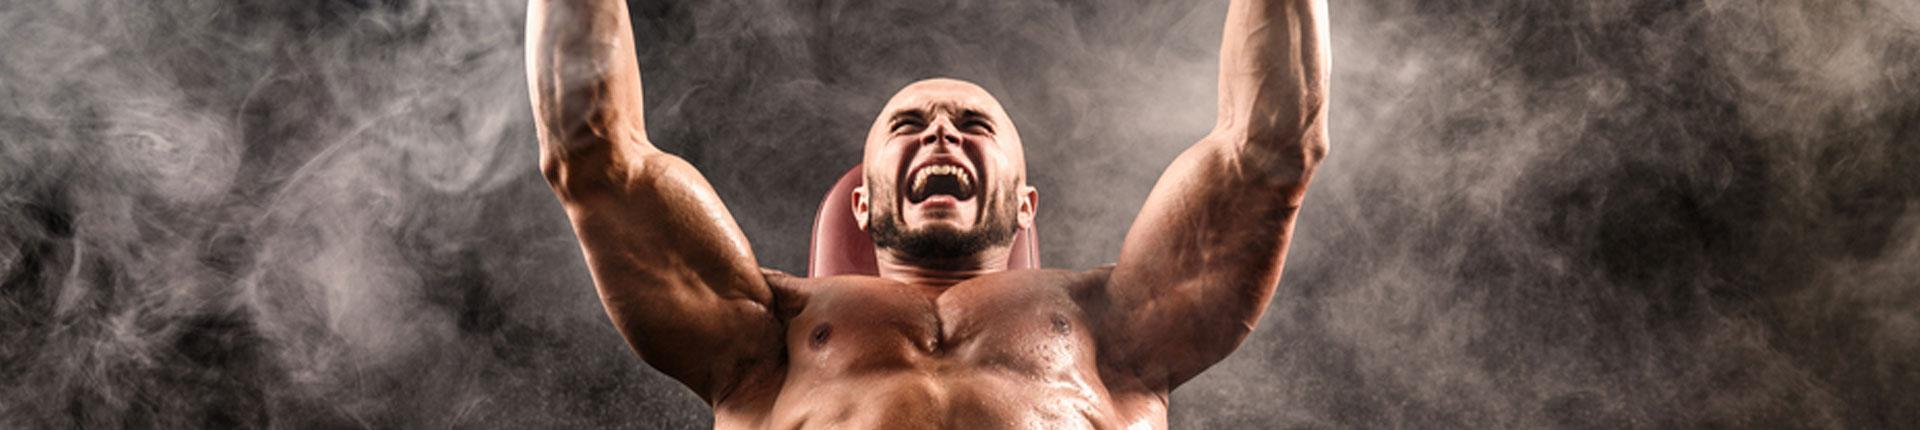 Czy praca fizyczna przeszkadza w treningu siłowym?